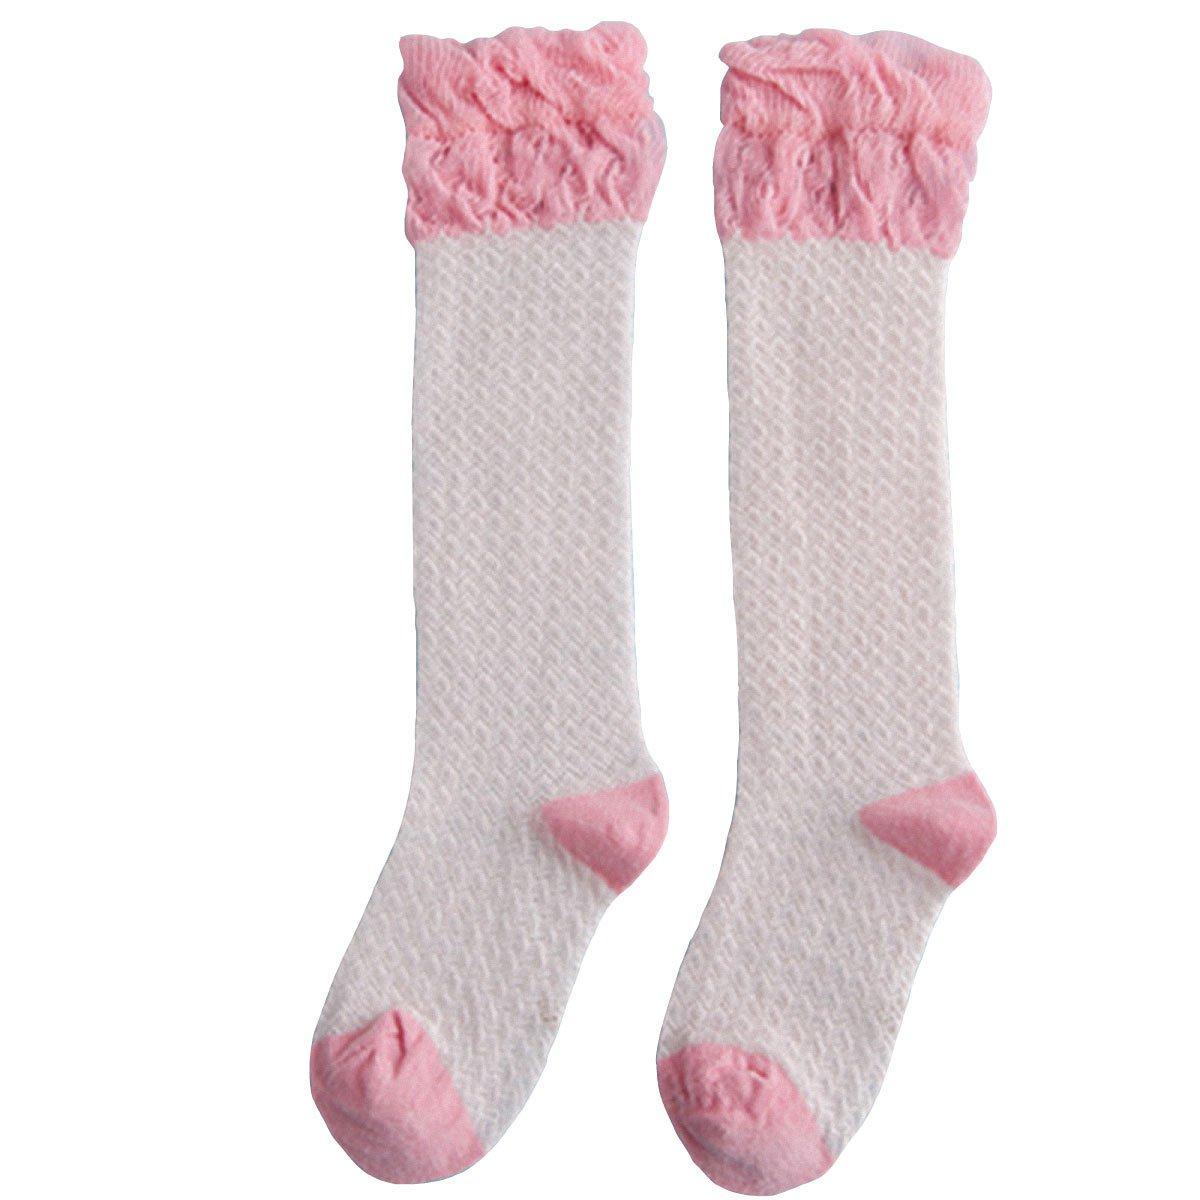 6 Pack Baby Girls Mesh Hollow Knee High Stockings Anti-moaquito Tube Socks